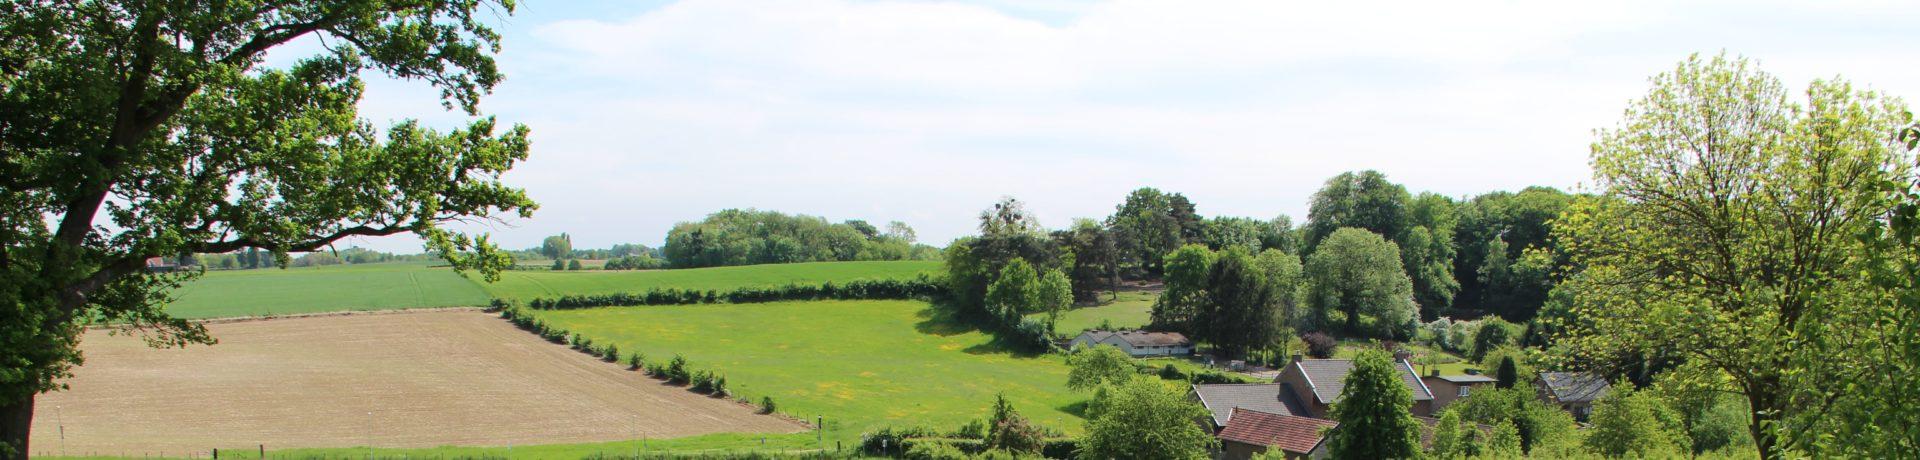 Natuurkampeerterrein Hoeve Krekelberg in Schinnen is centraal gelegen in het Zuid-Limburgse heuvelland, midden in landschapspark De Graven.